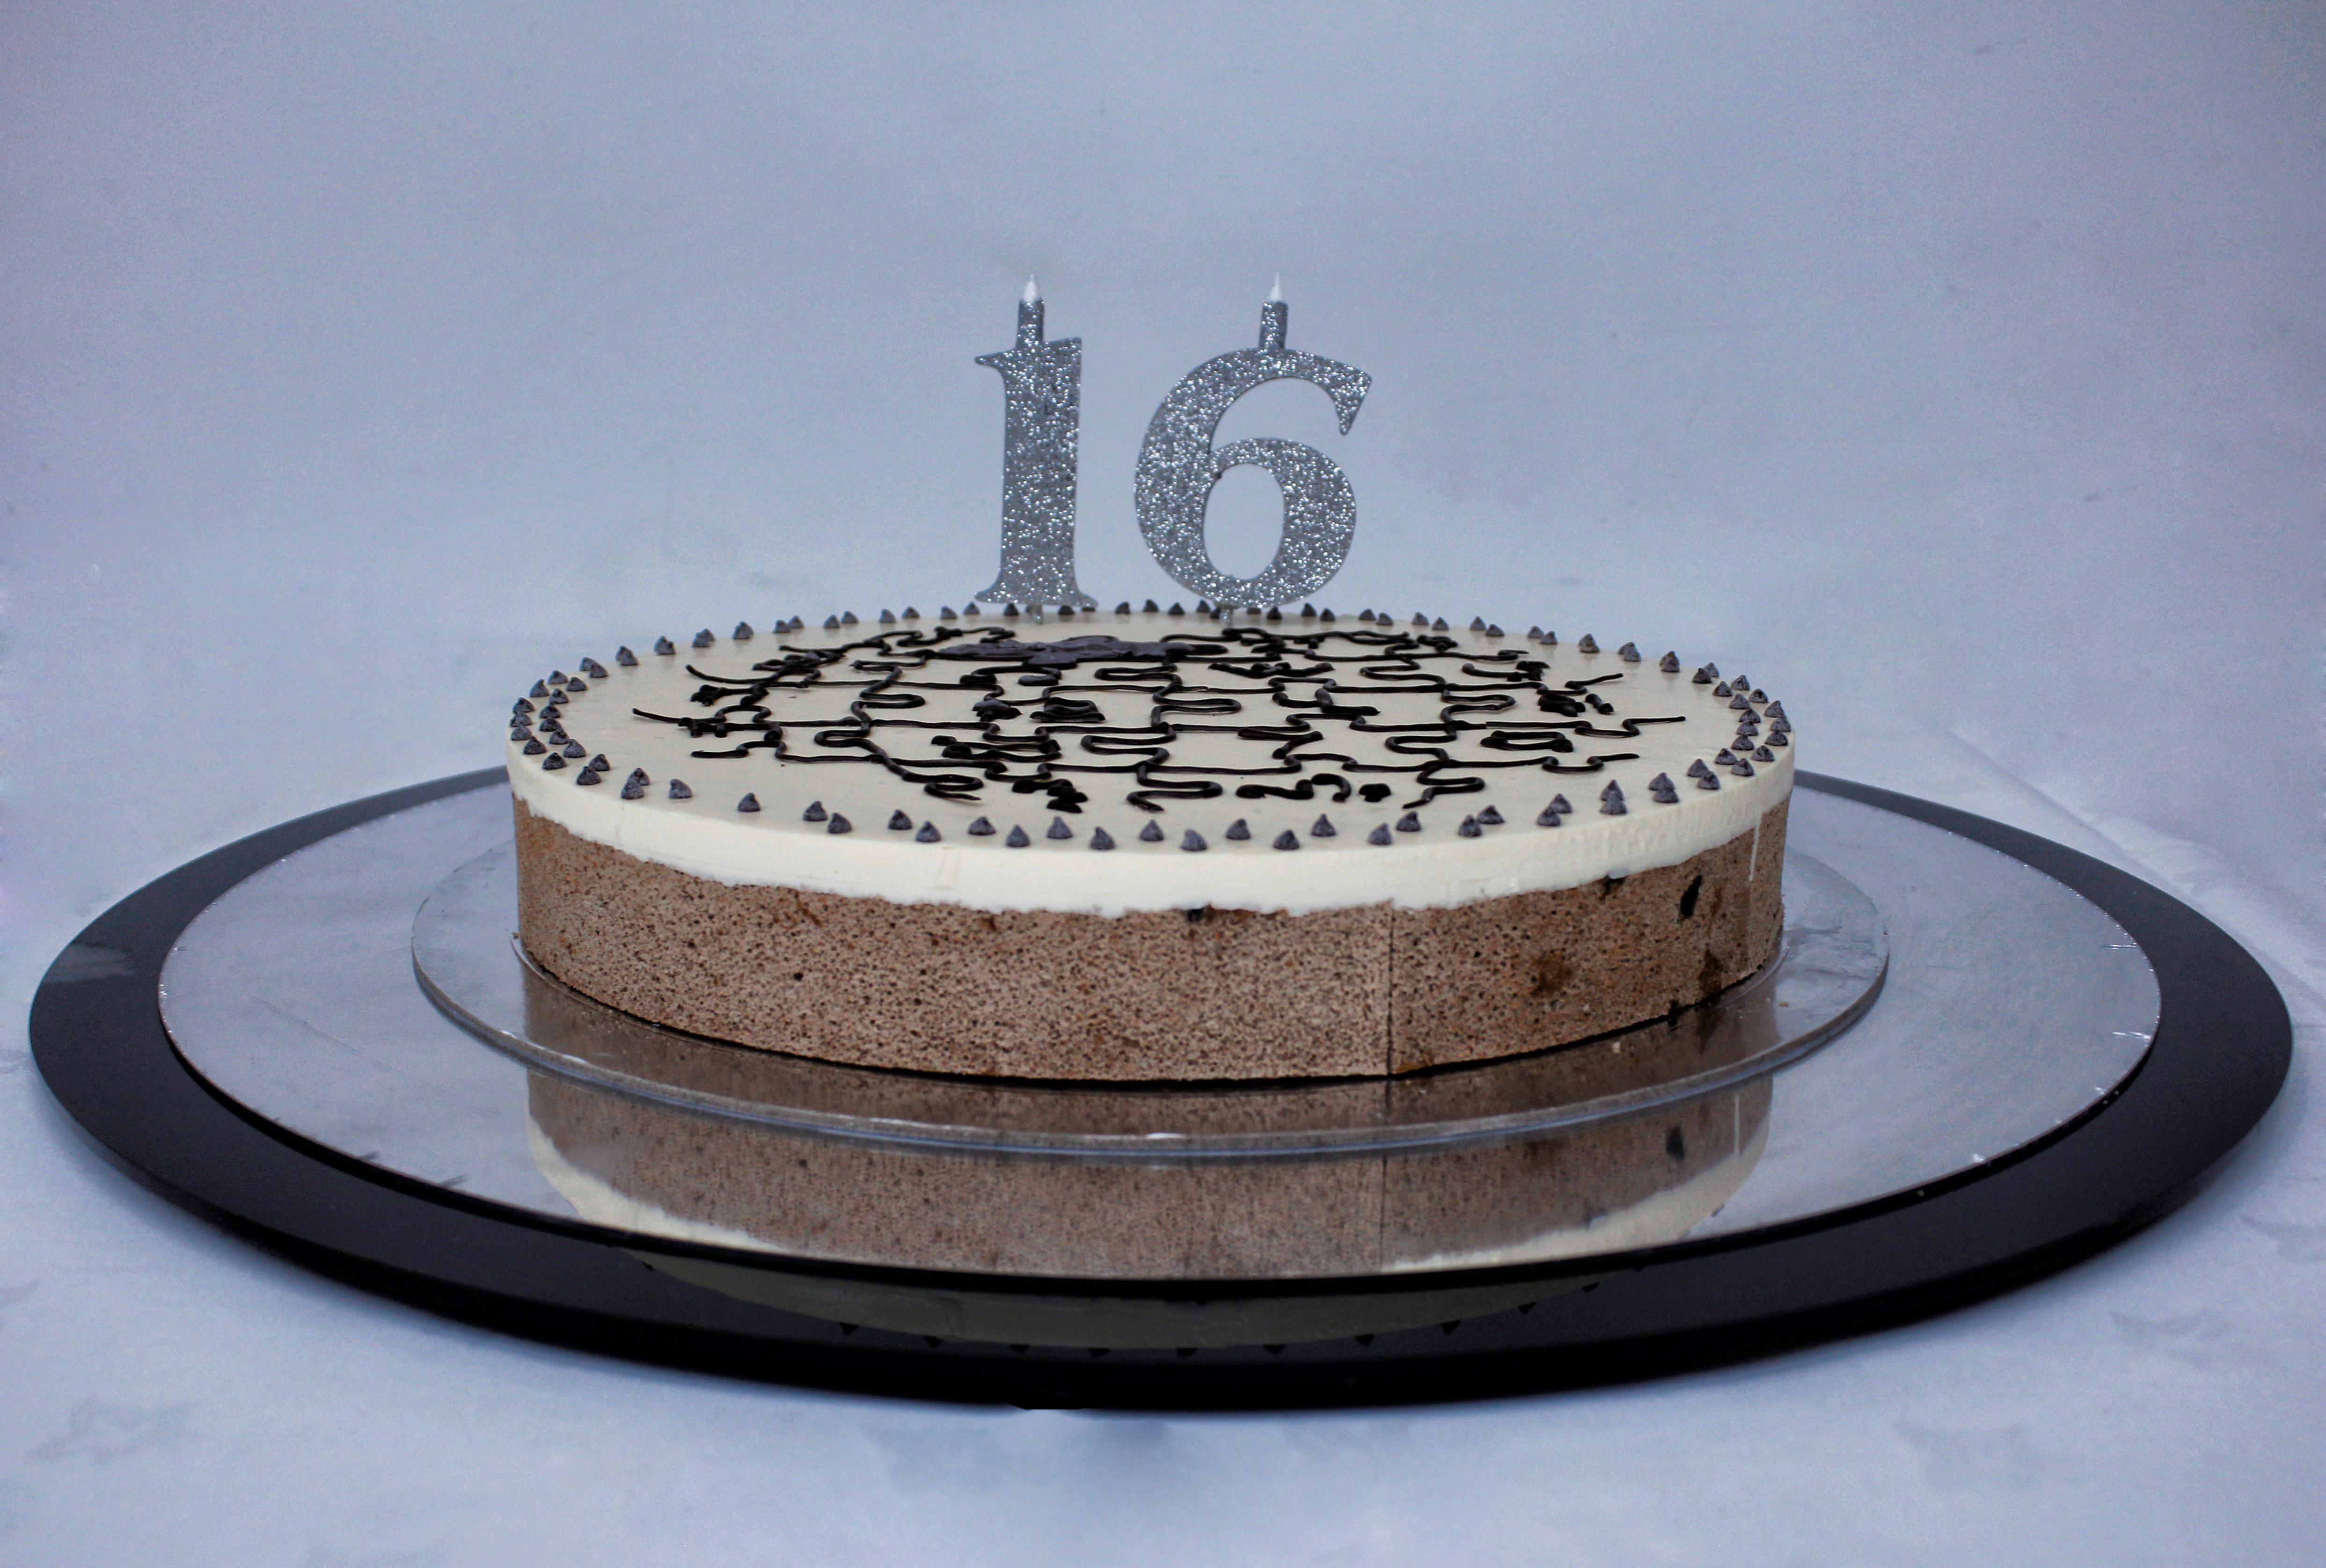 DateiWikipedia Birthday Cake 161